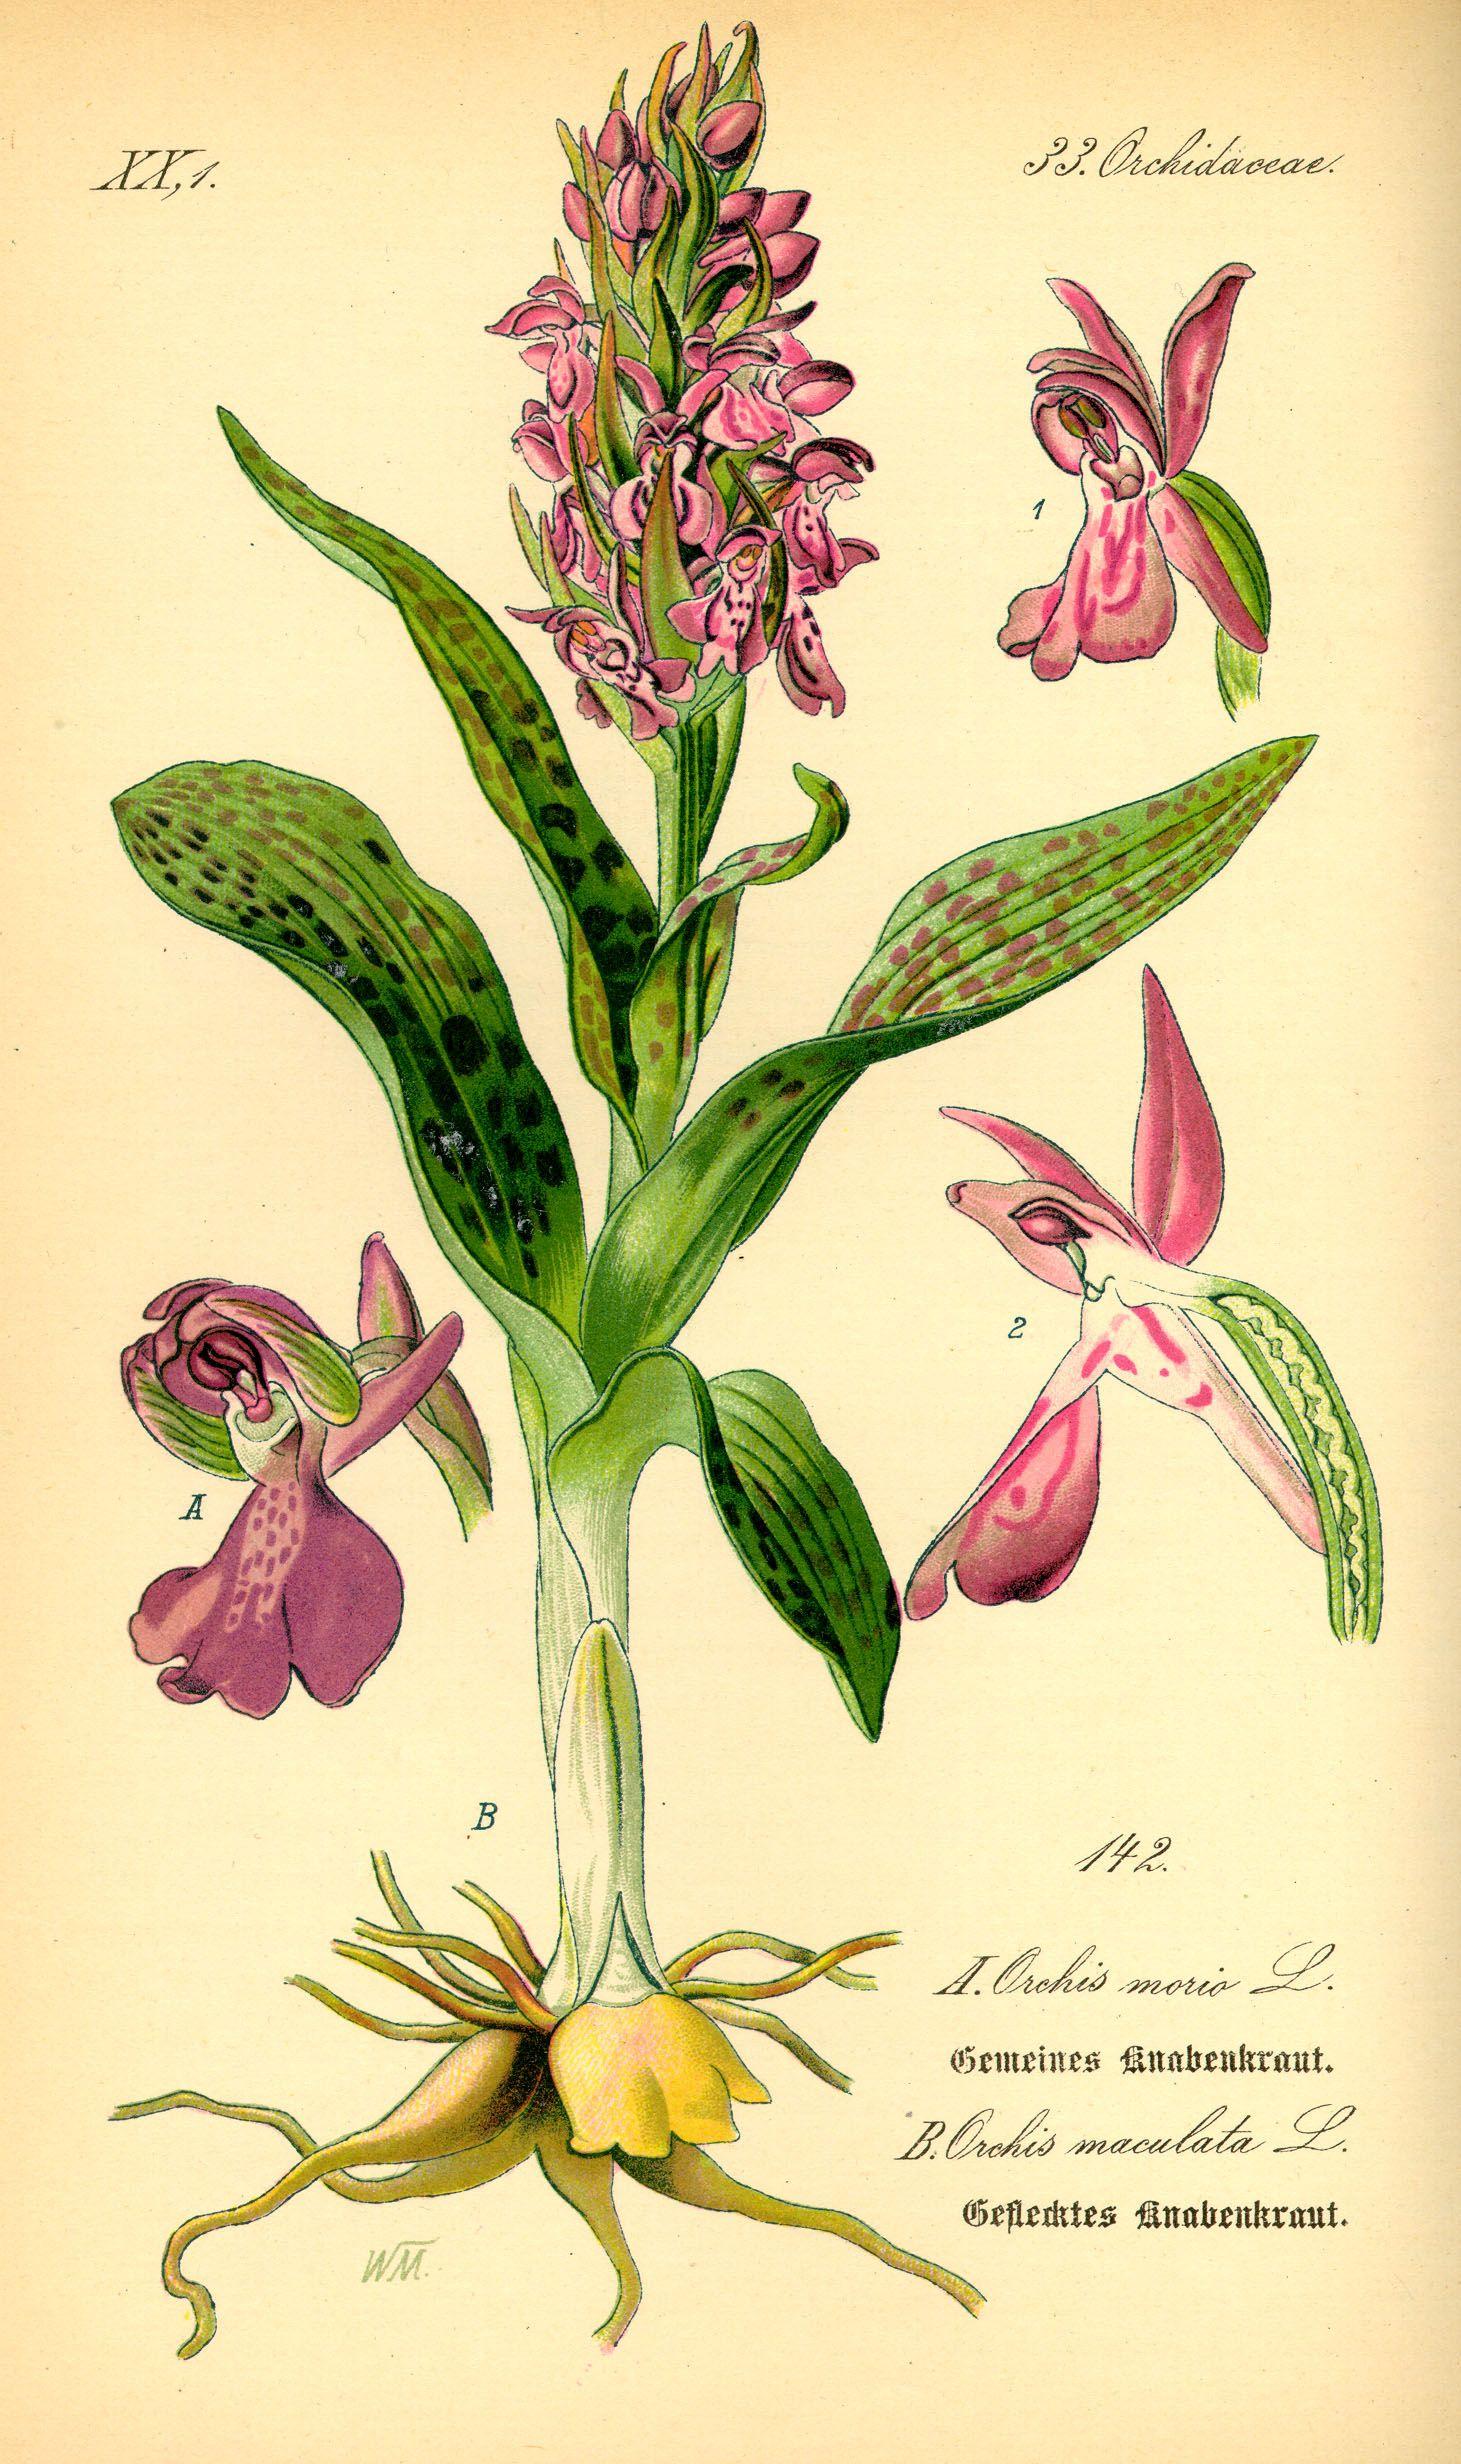 ботаническая энциклопедия растений с иллюстрациями такое фюзеляж